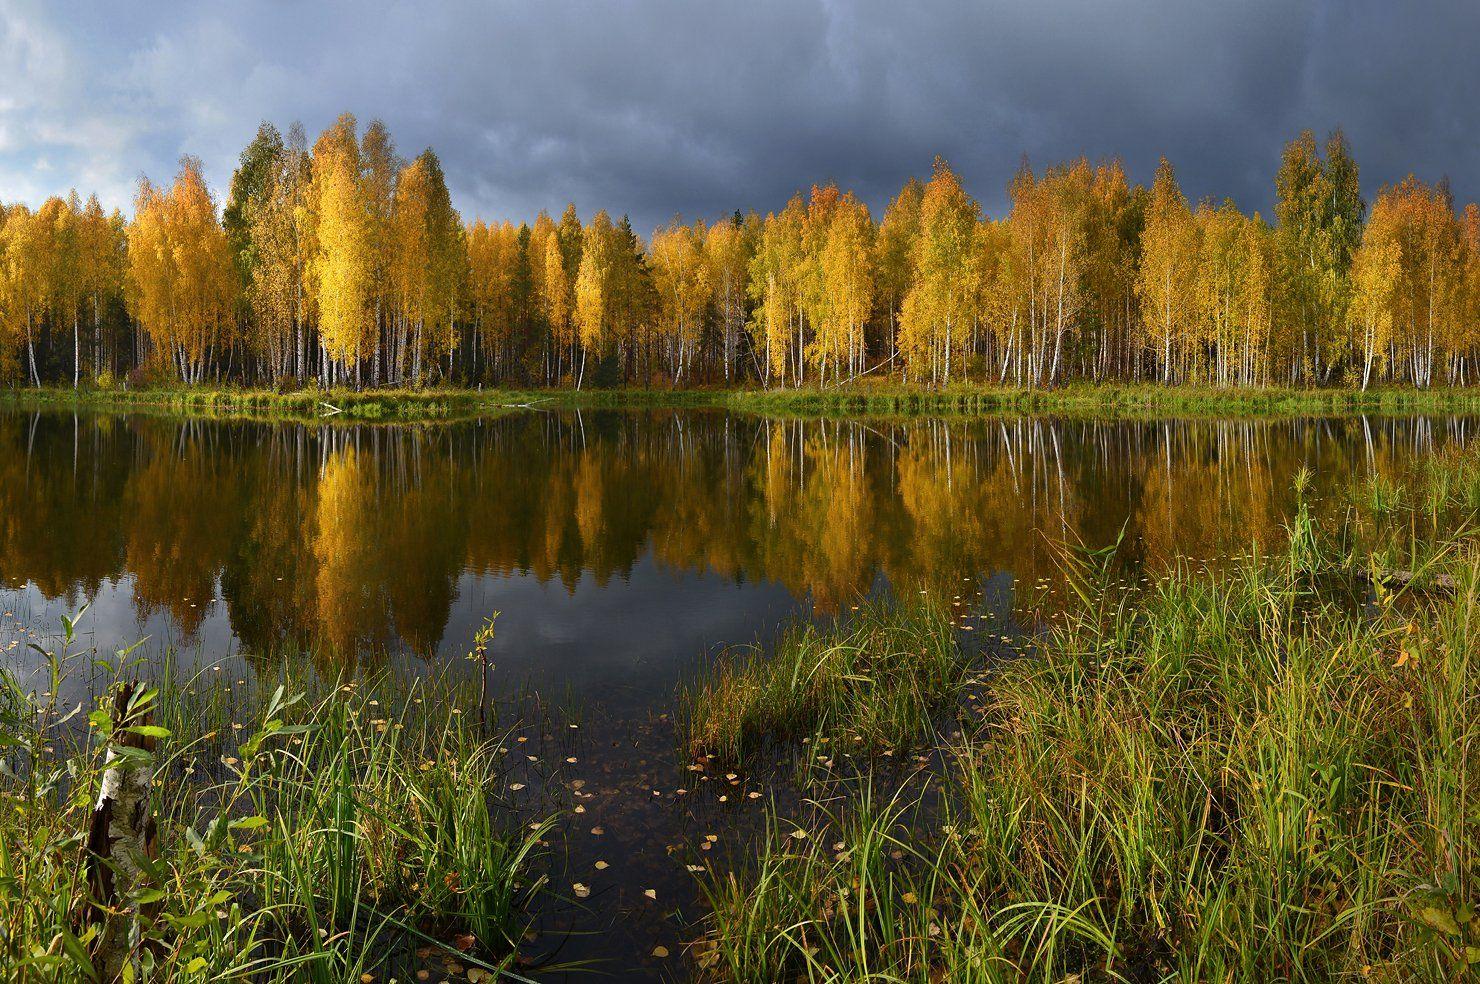 золотая осень, октябрь, солнечный свет, берёзы, непогода, небо, тучи, осень, озеро, отражение, трава, пейзаж, природа, Irina Shapronova